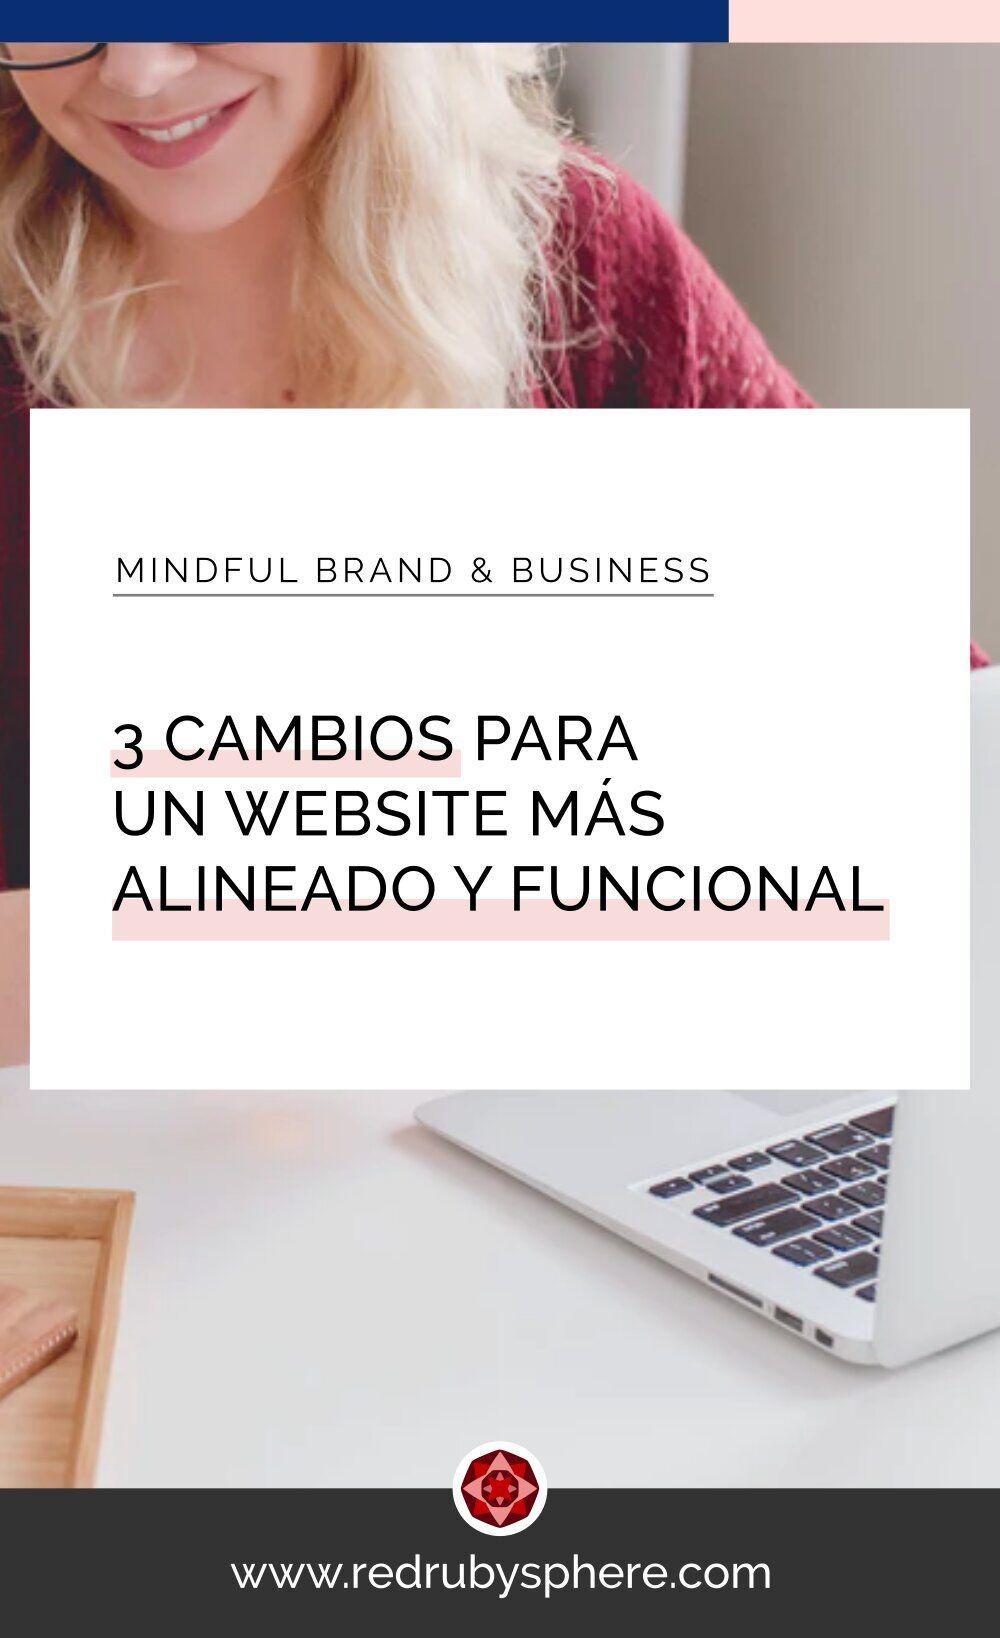 3 cambios que puedes hacer para tener un Website más alineado y funcional